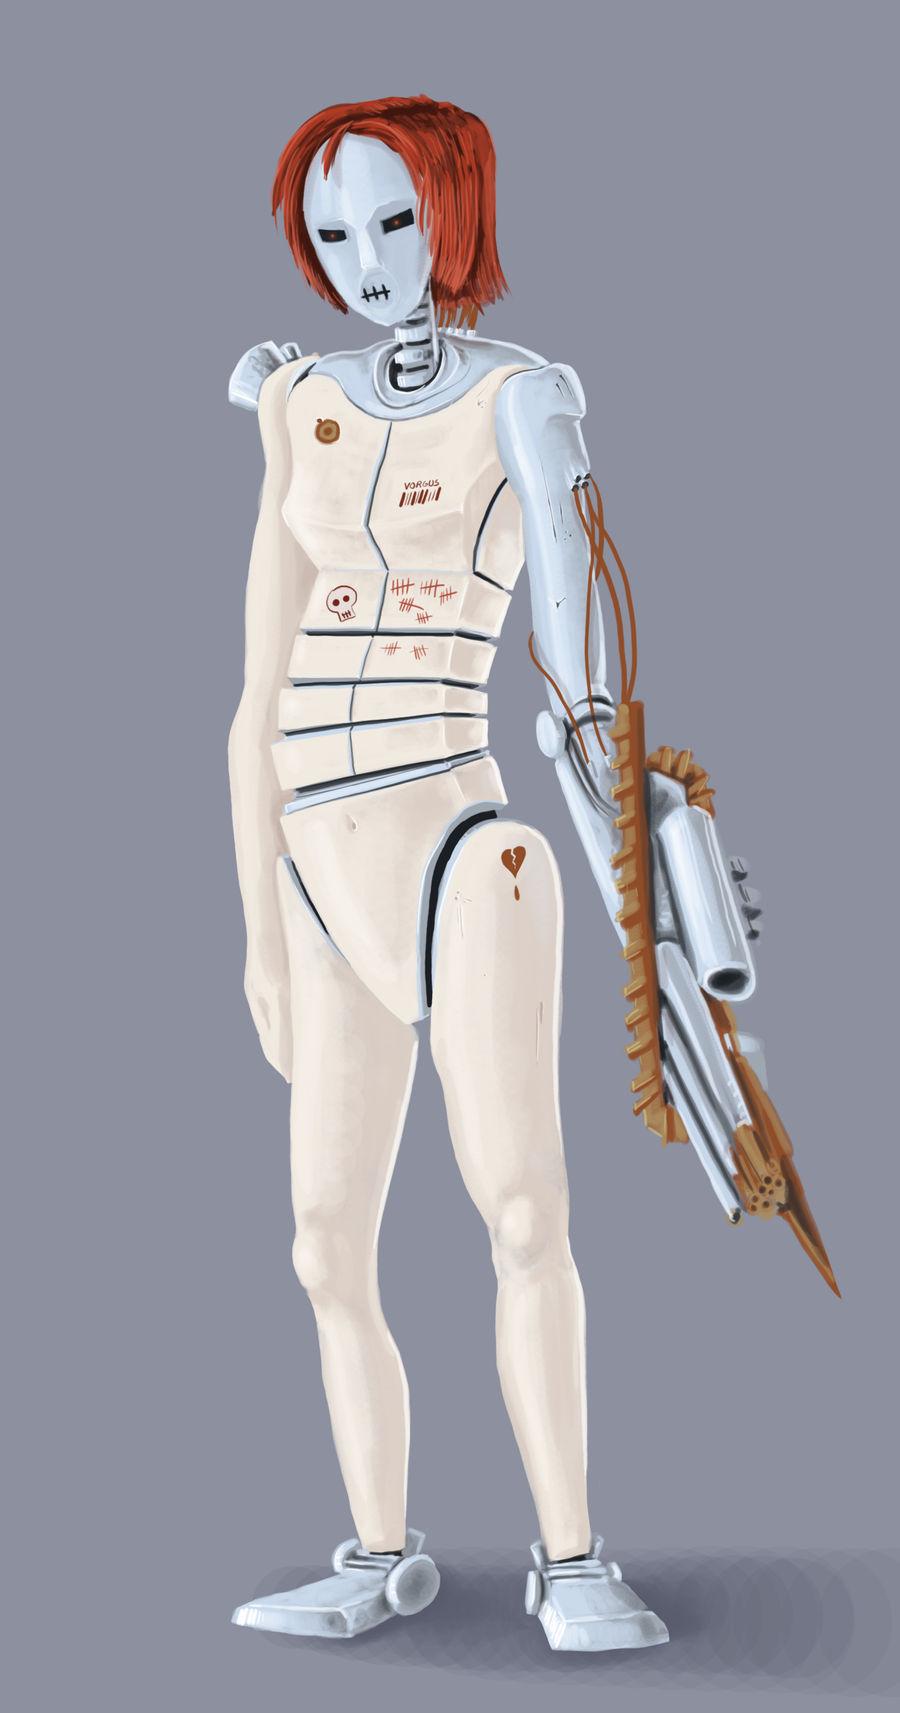 Robot Vorgus by Vorgus